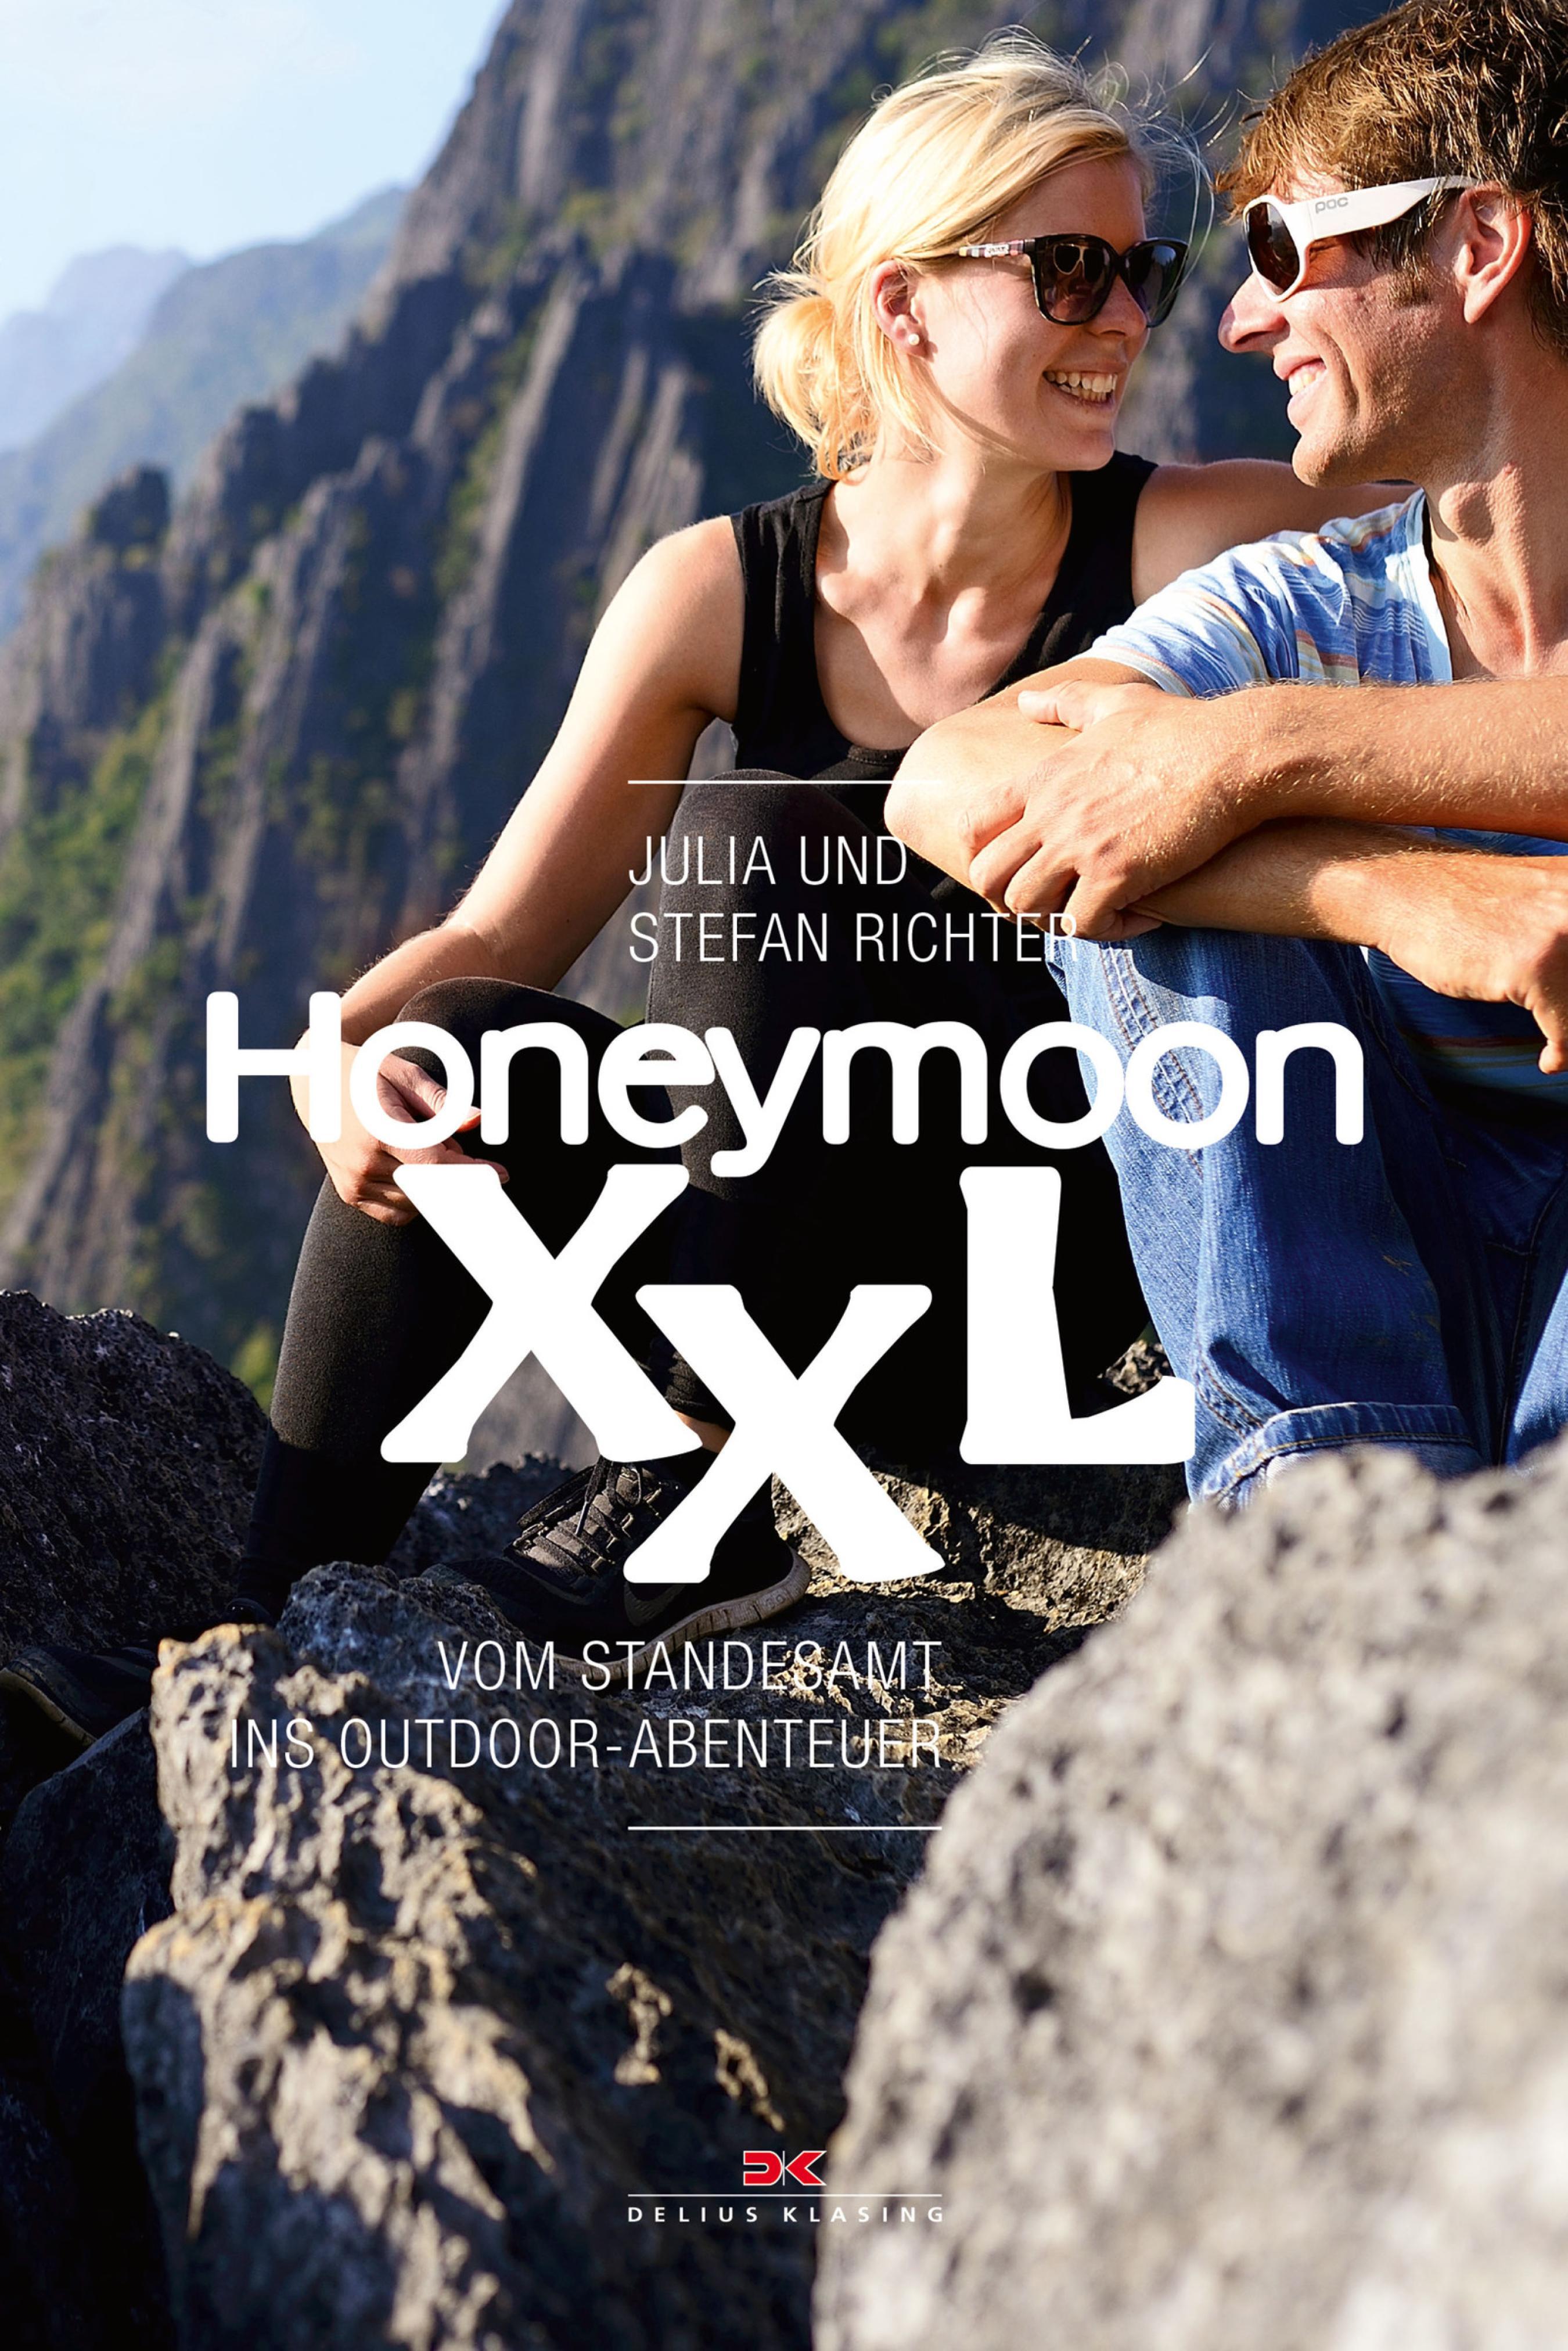 Stefan Richter Honeymoon XXL